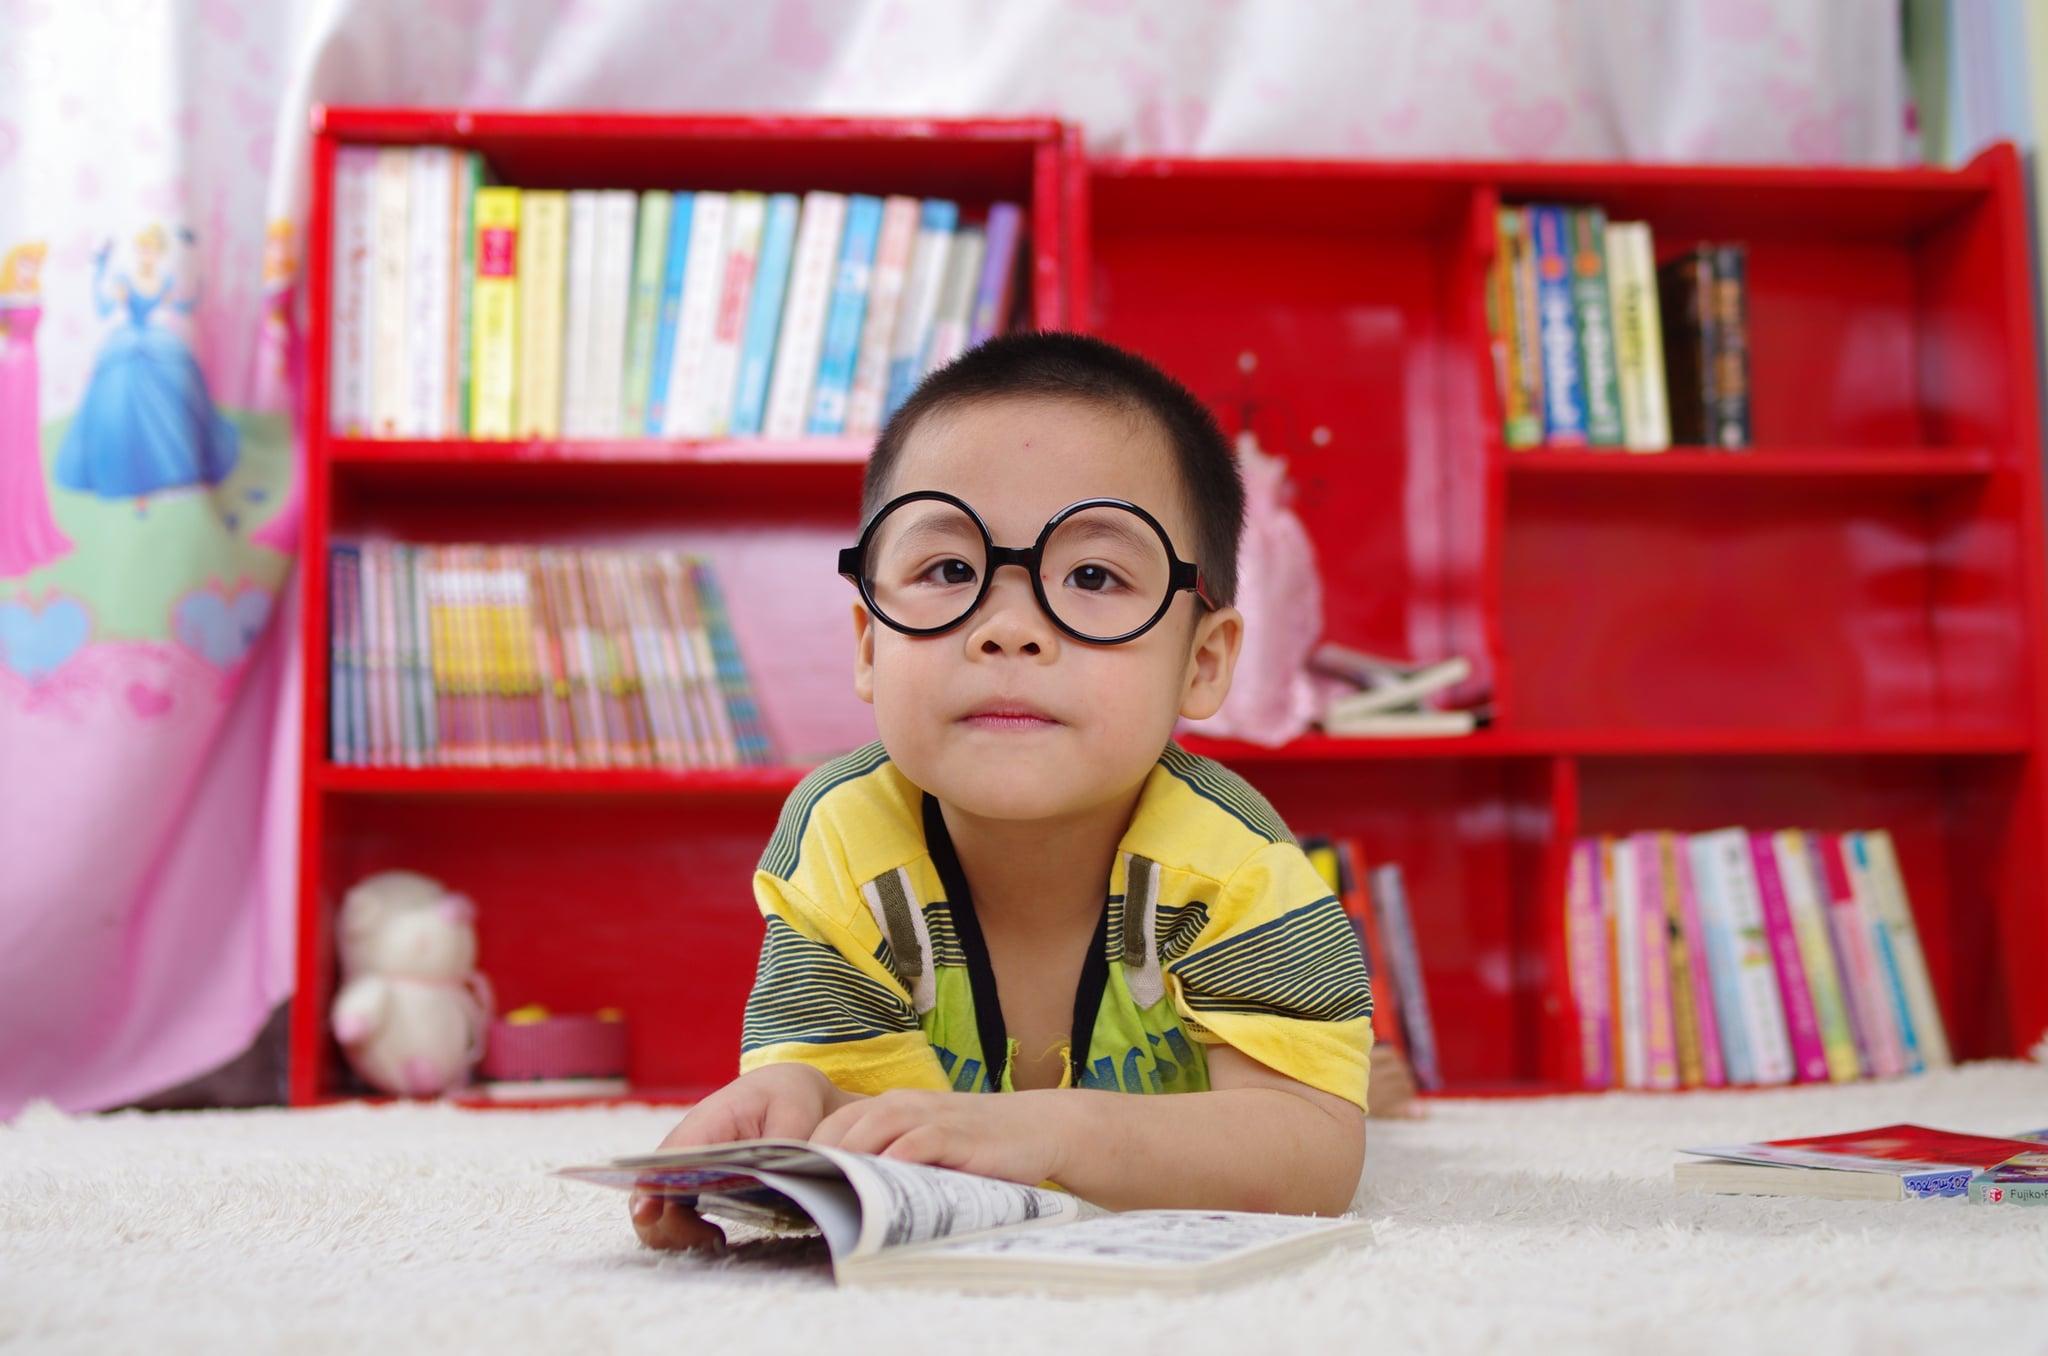 Mẹo rèn luyện trí thông minh cho bé phụ huynh nào cũng phải biết - 1